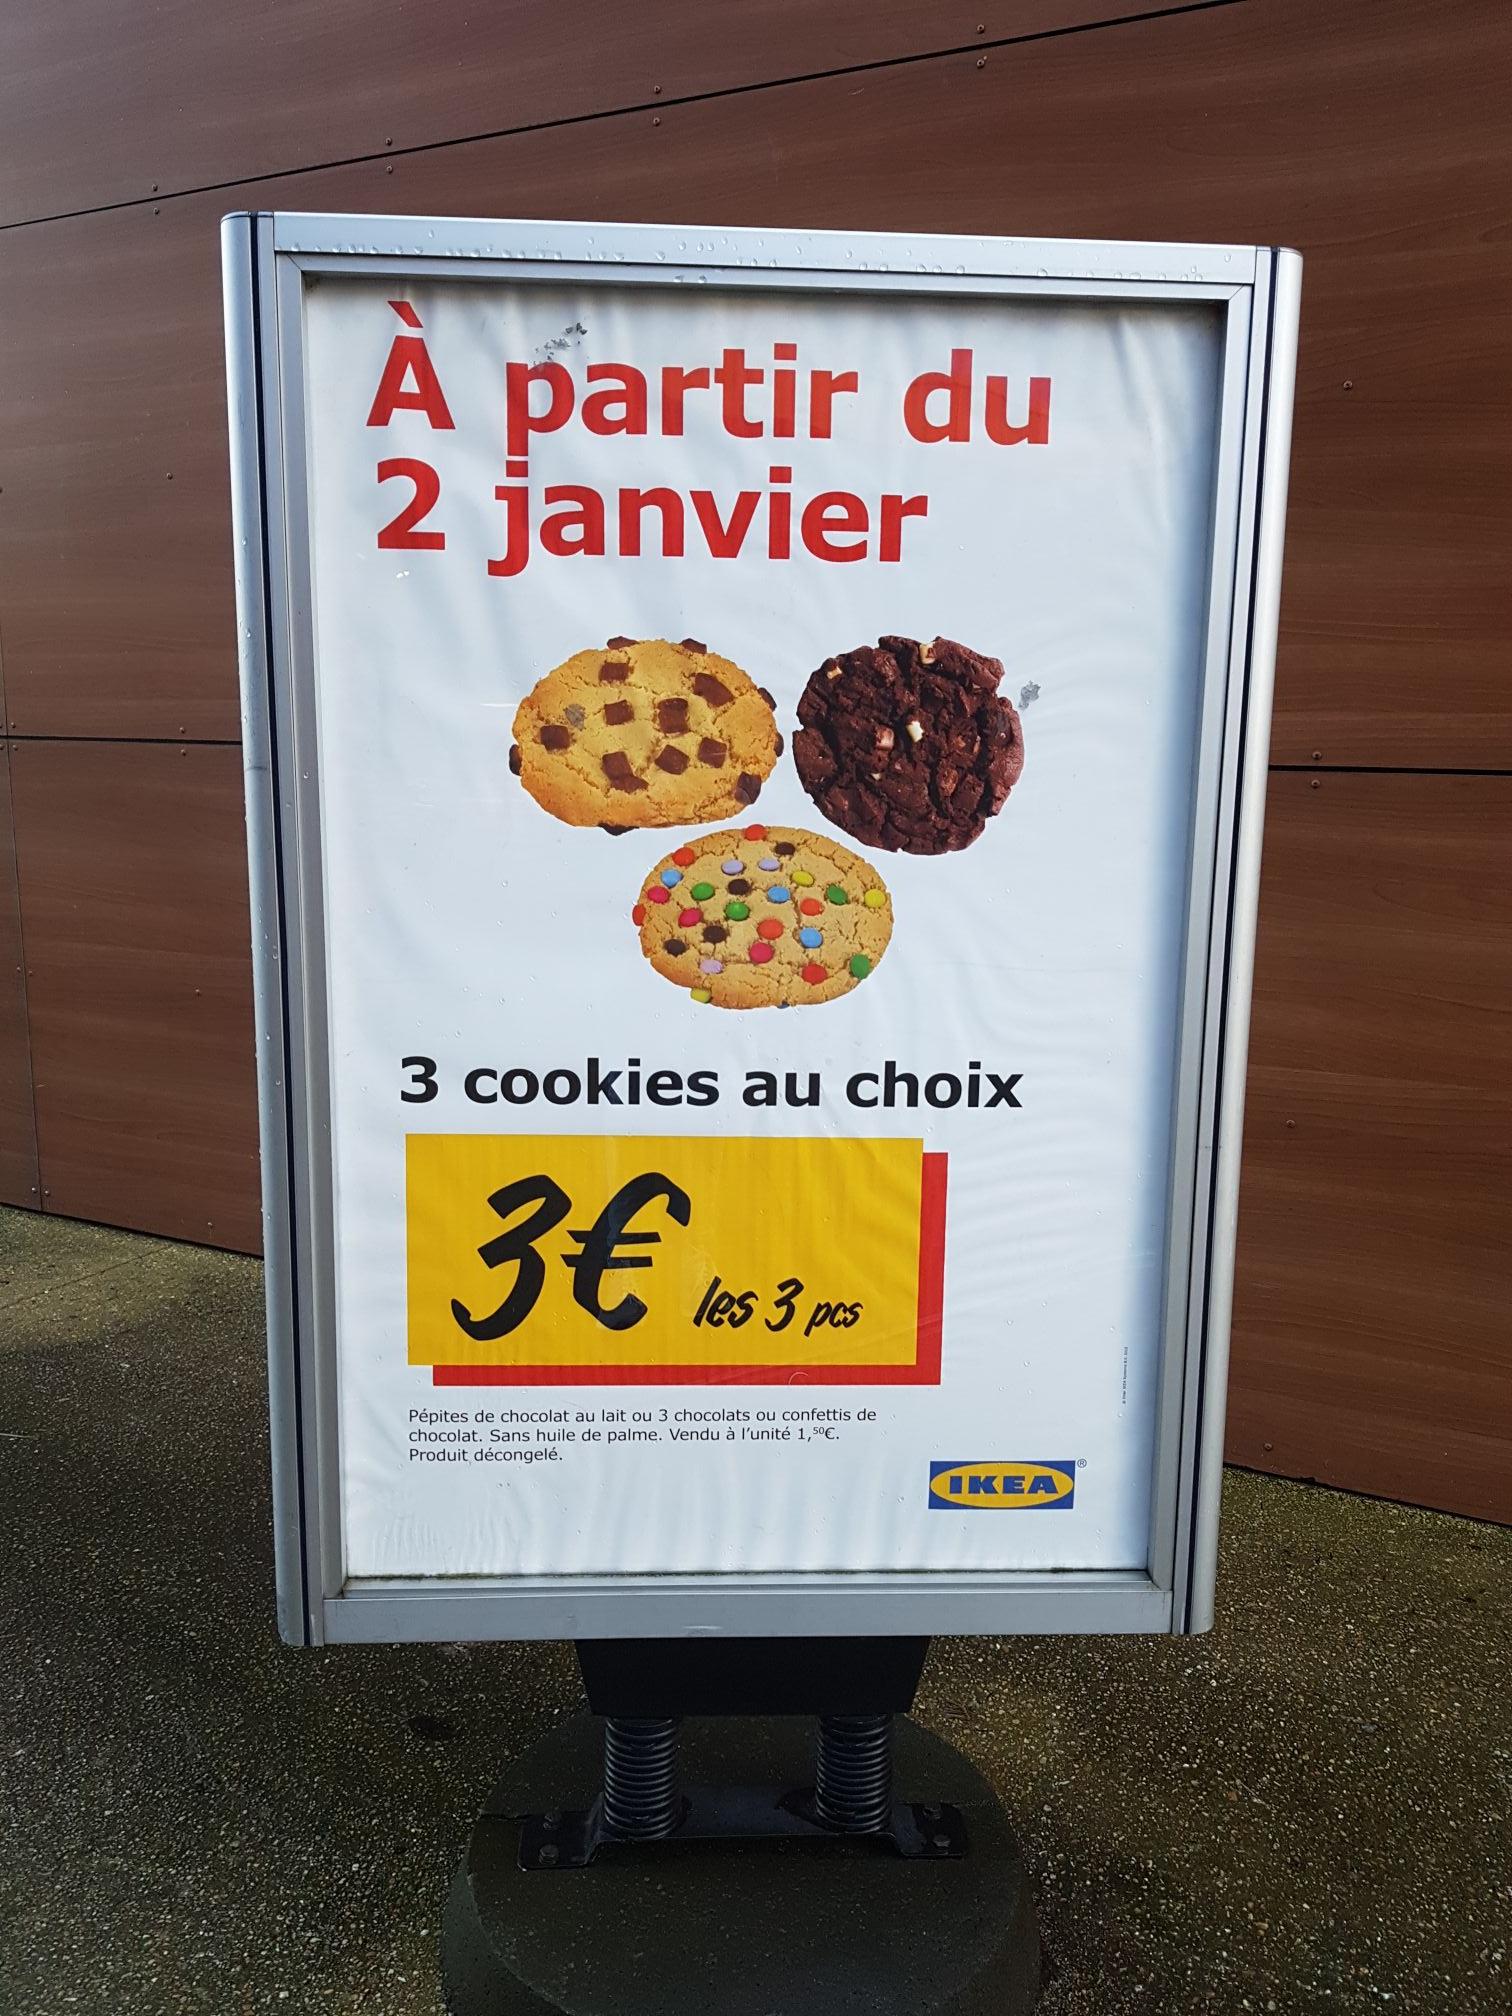 Lot de 3 cookies au choix chez Ikea Thiais (94)